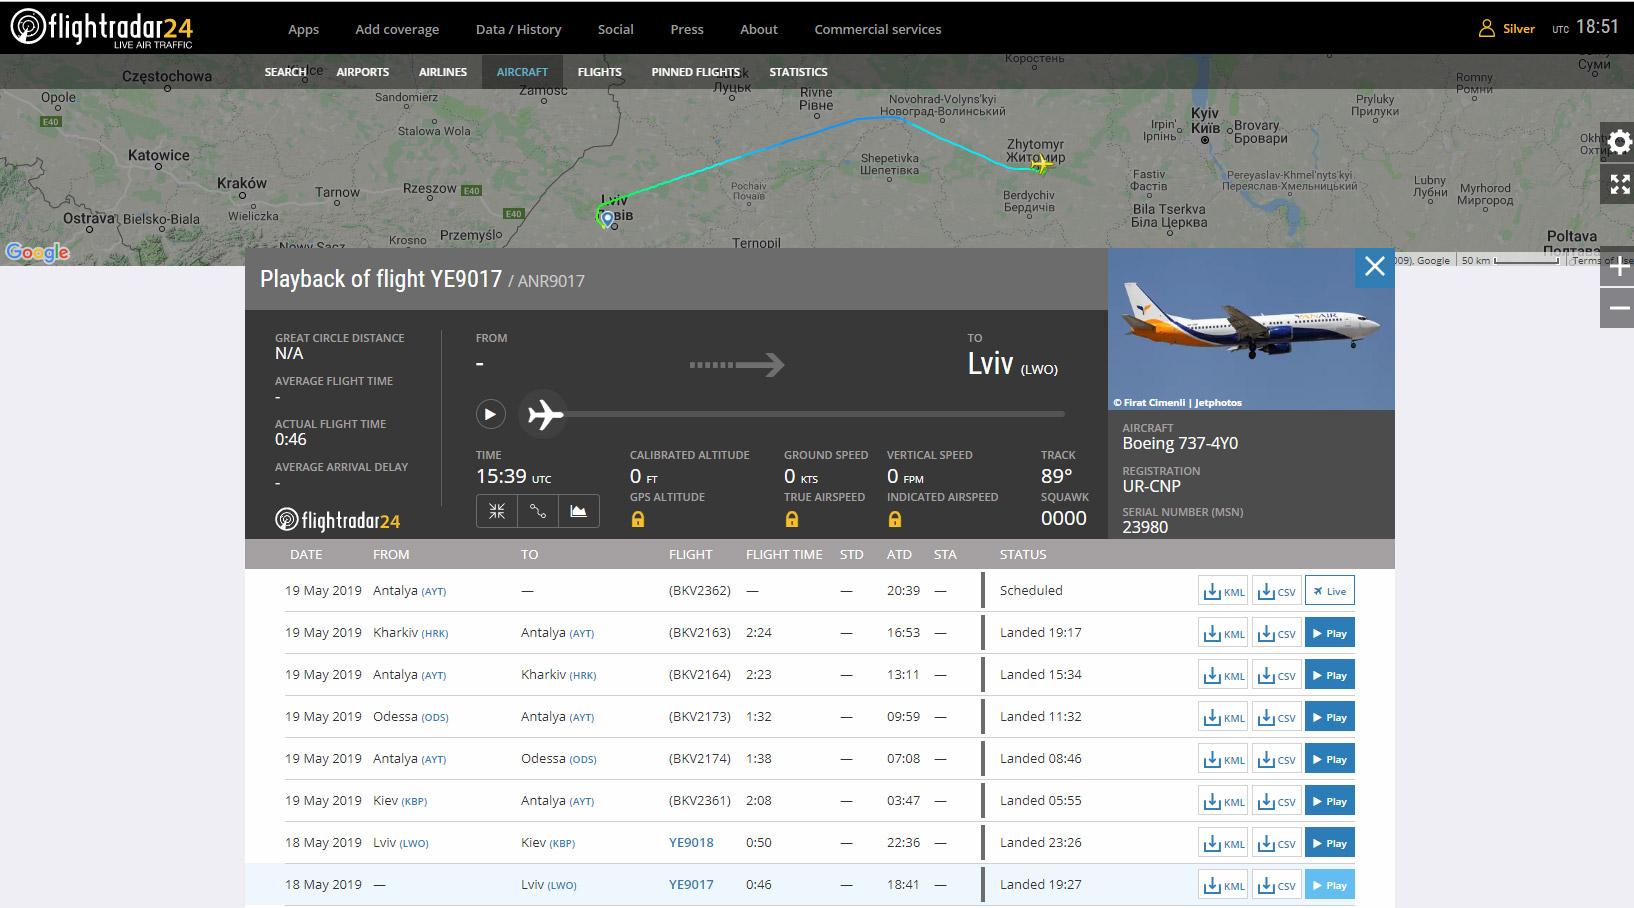 Трекинг рейса Yanair Житомир-Львов на самолете Boeing 737-400 UR-CNP. Скрин flighradar24.com